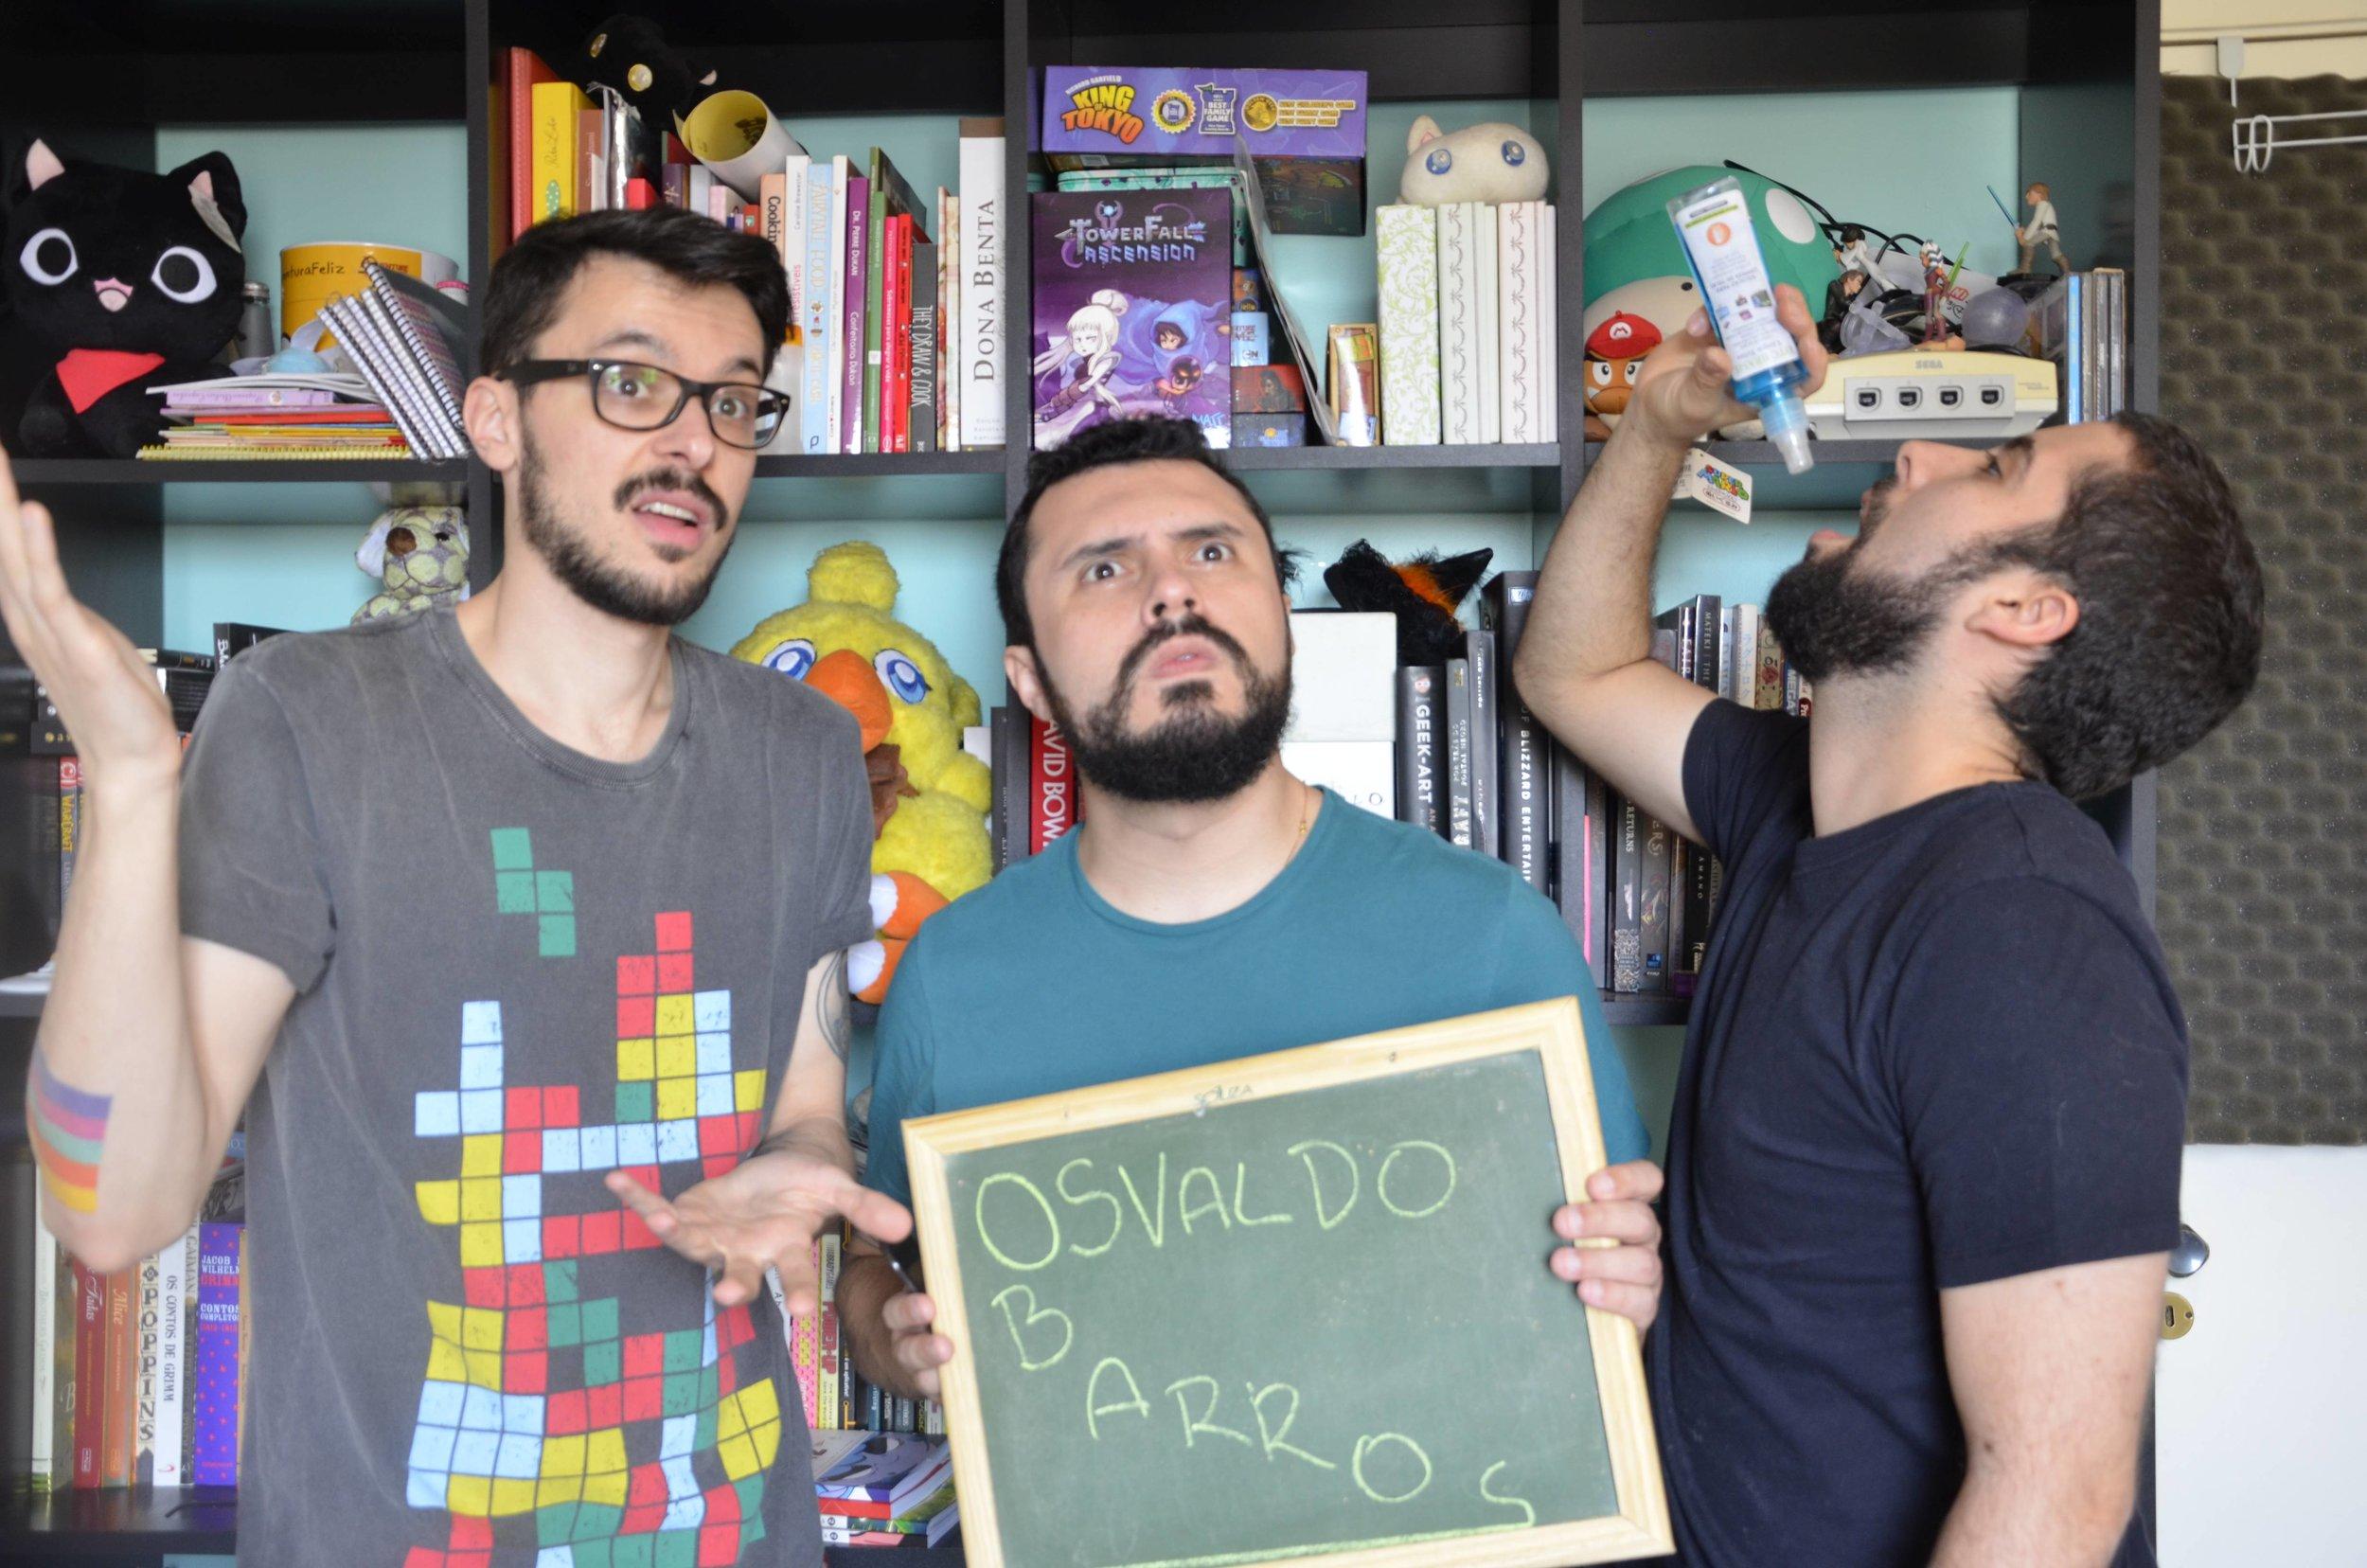 Osvaldo-Barros.jpg